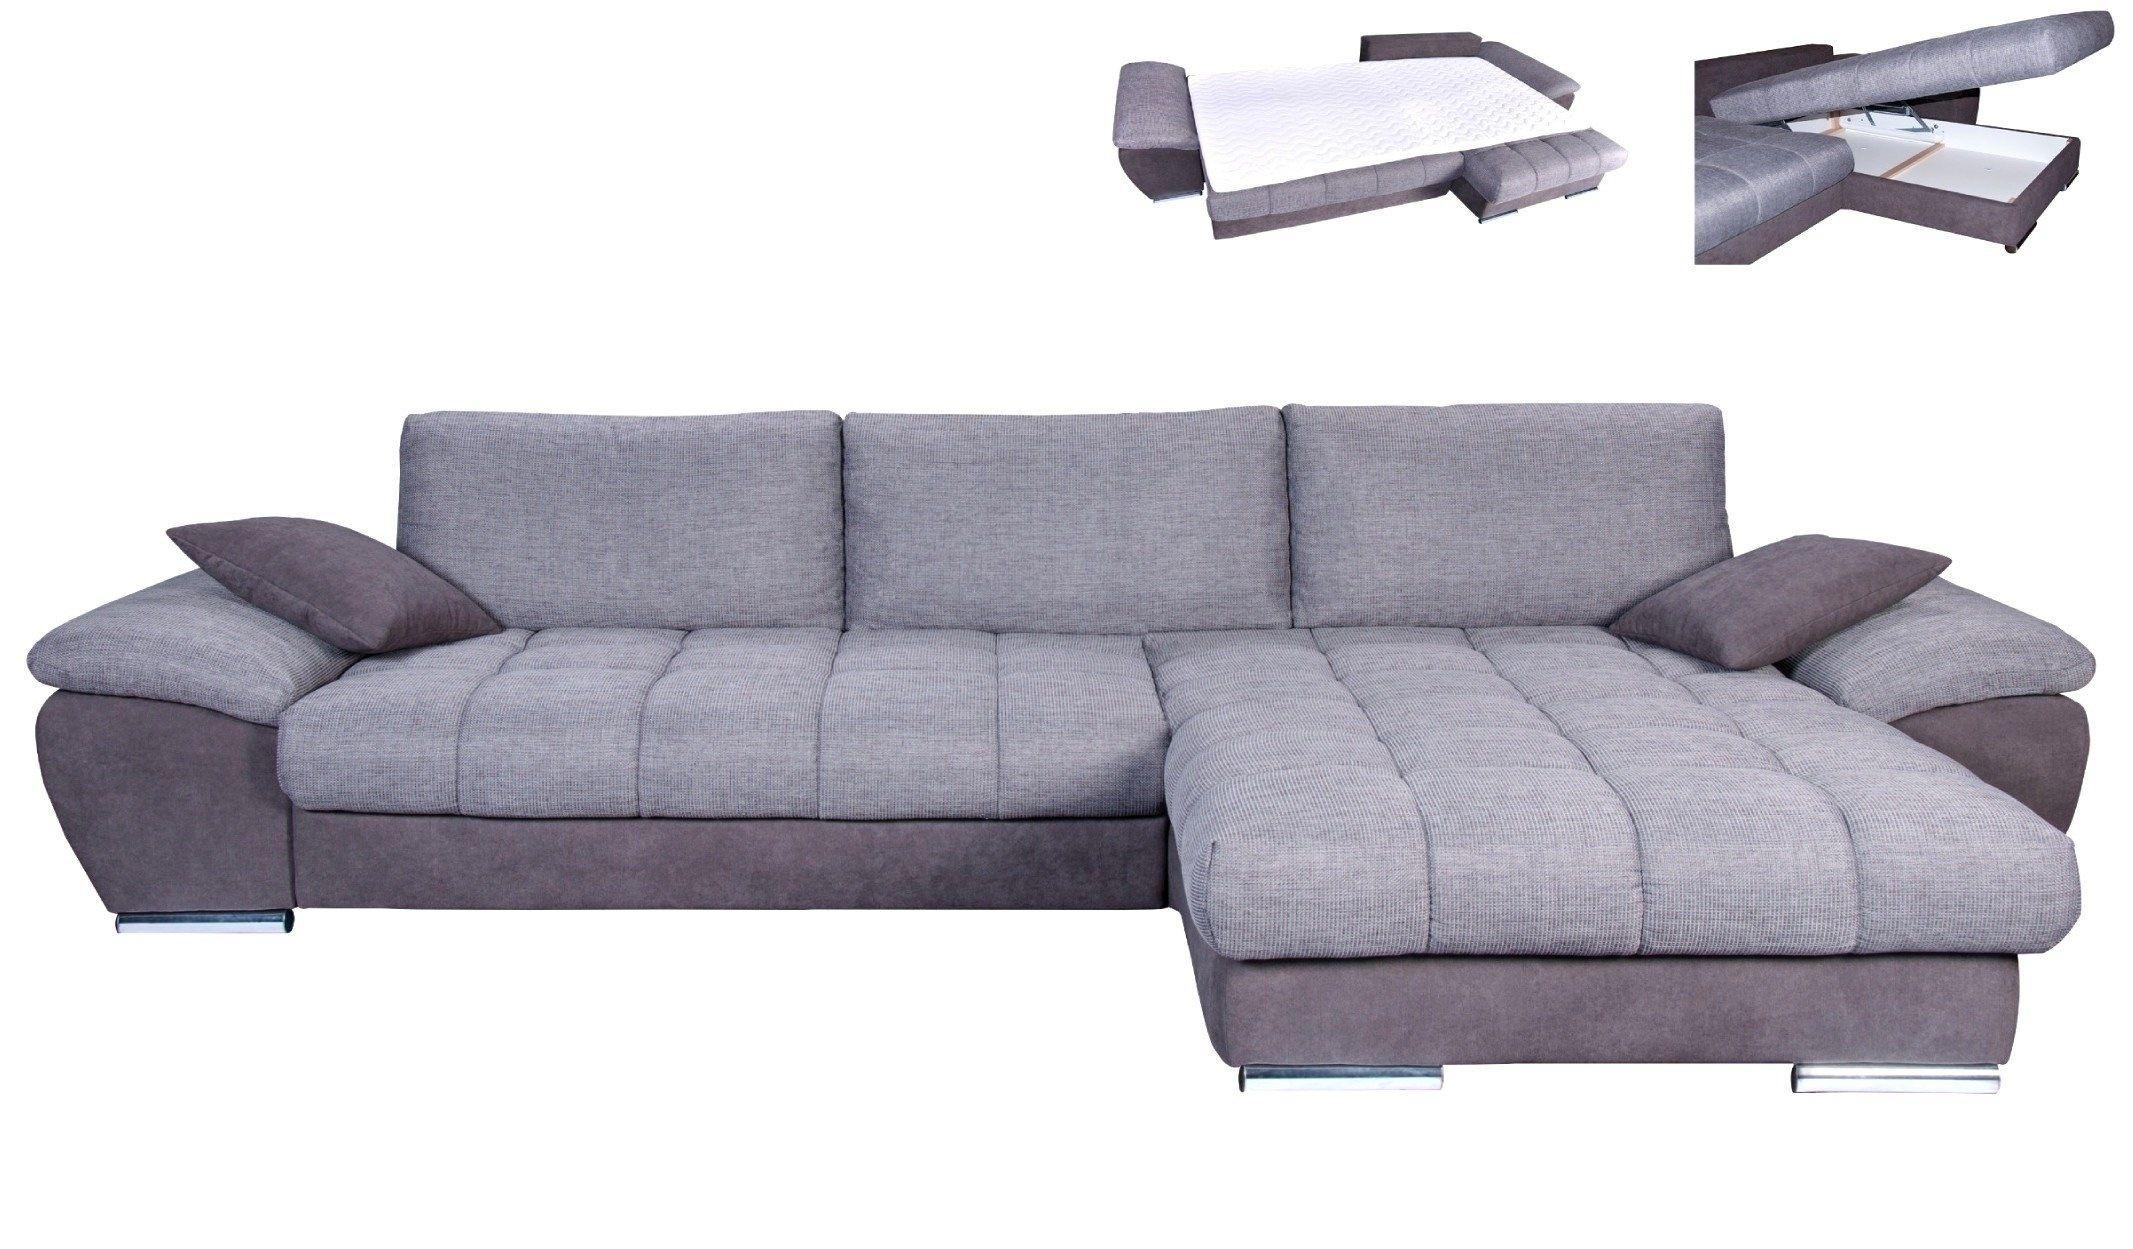 Full Size of Sofa Mit Boxen Poco Und Led Couch Musikboxen Lautsprecher Big Bluetooth Licht Integrierten Sitzbank Küche Lehne Bett 180x200 Komplett Lattenrost Matratze Sofa Sofa Mit Boxen